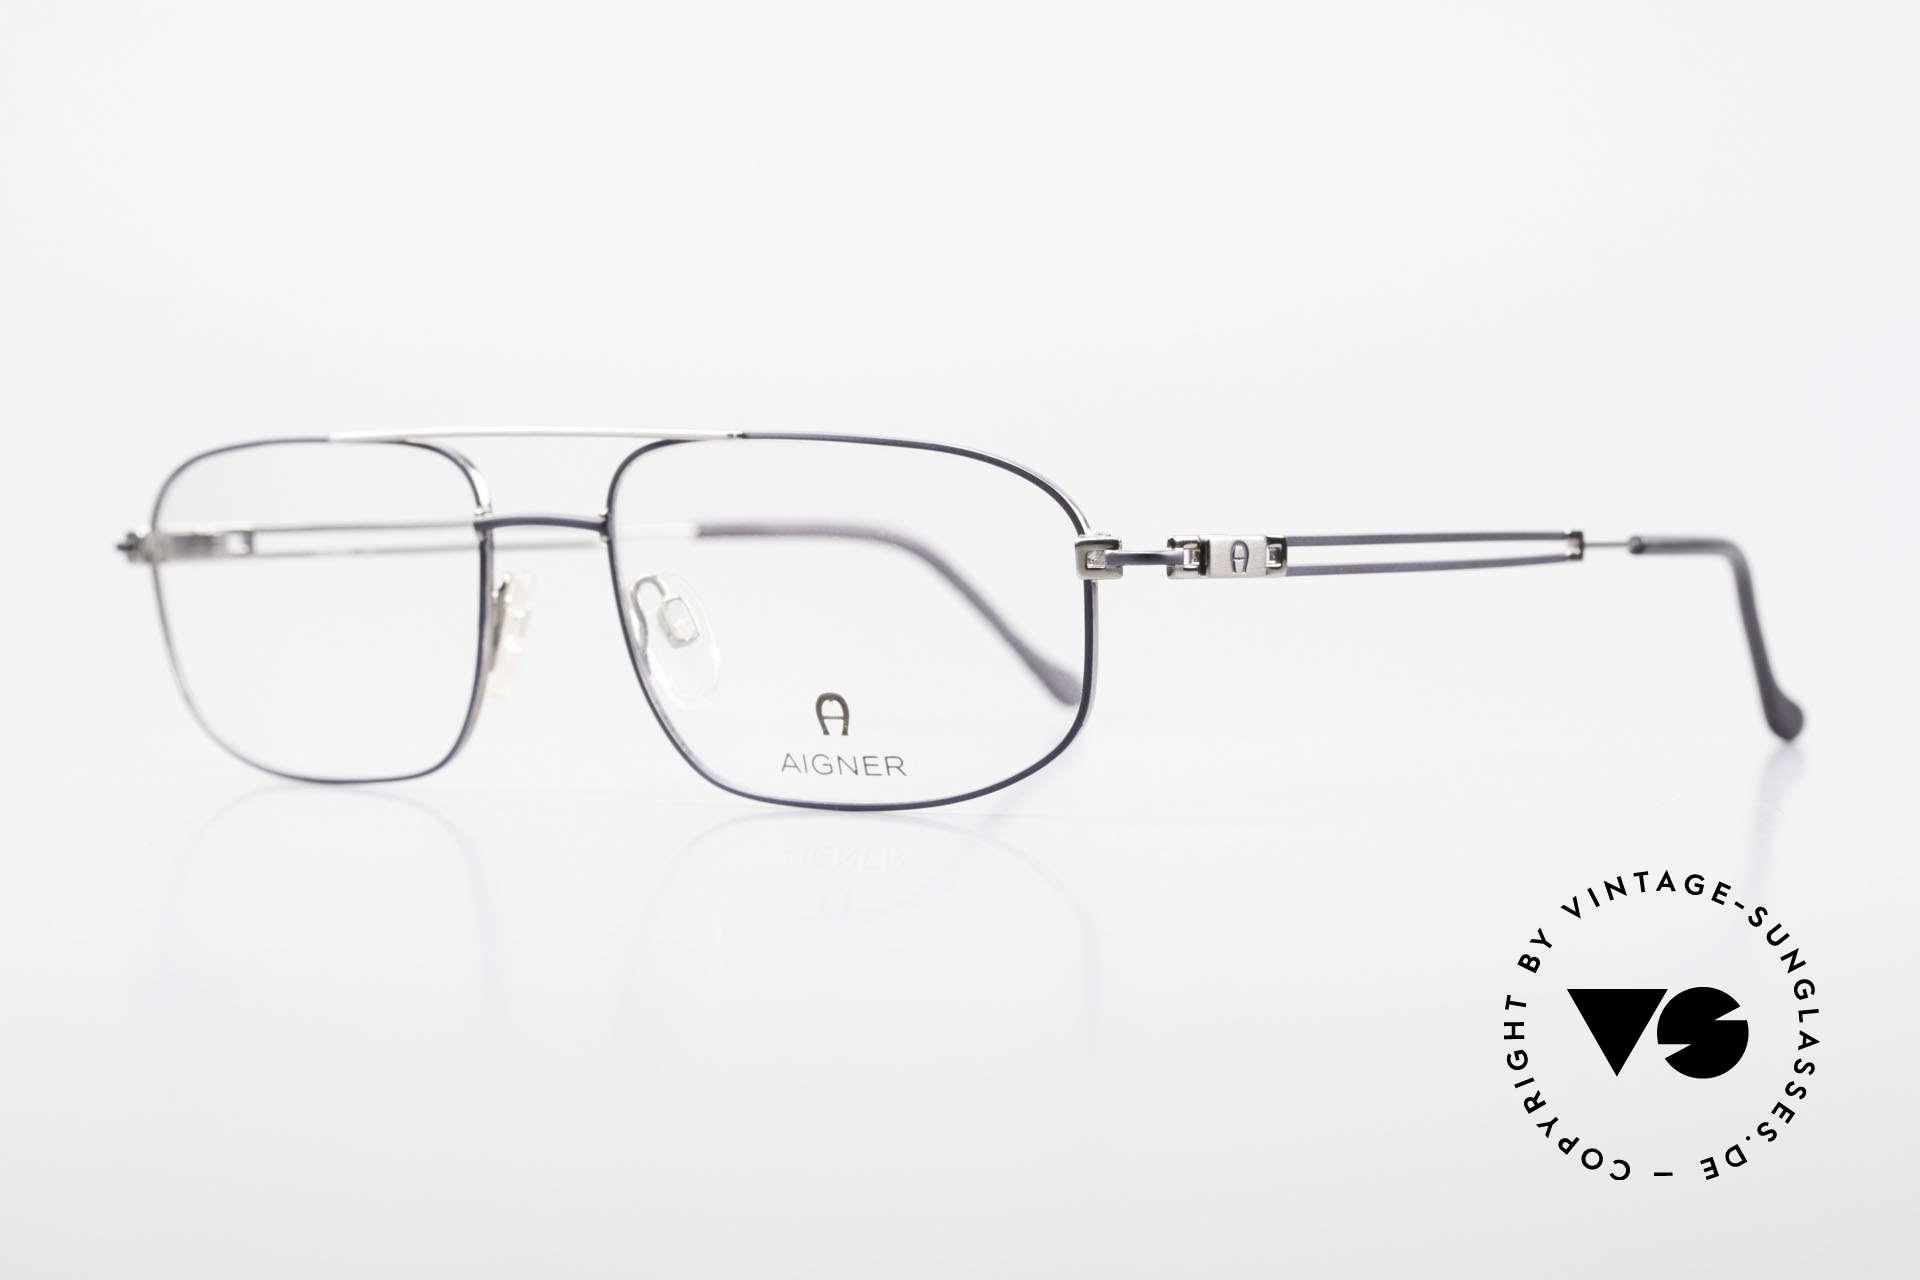 Aigner EA9111 90er Herrenfassung Metall, klassische 90er Herrenbrille, made in Germany Qualität, Passend für Herren